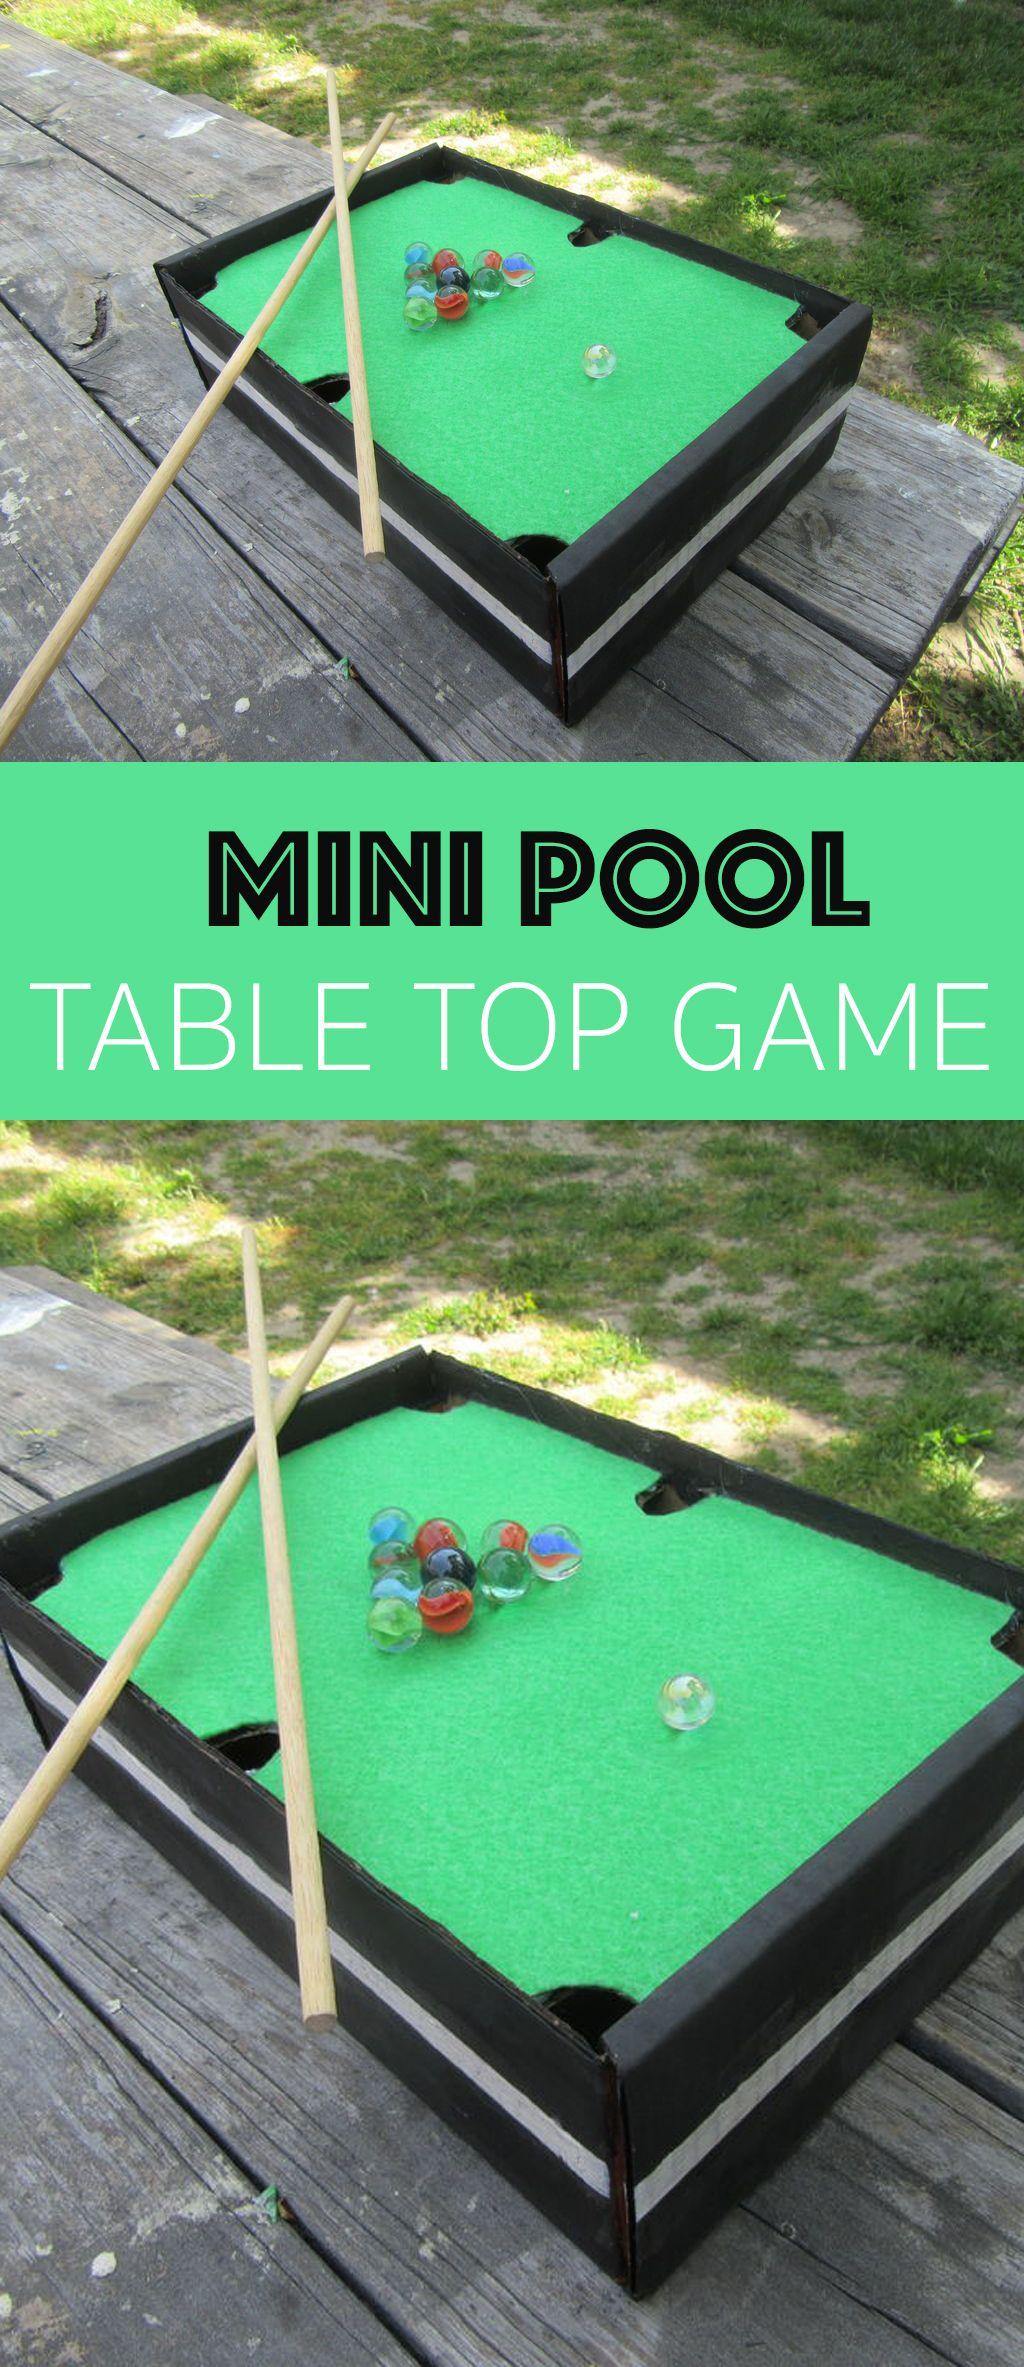 Mini Pool Table Top Game Mini pool, Diy pool table, Pool